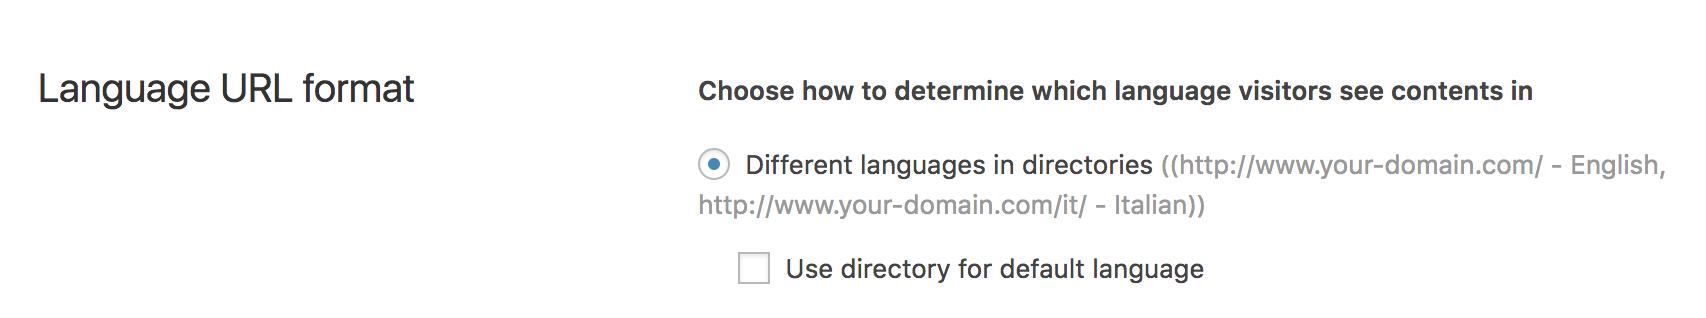 language-format